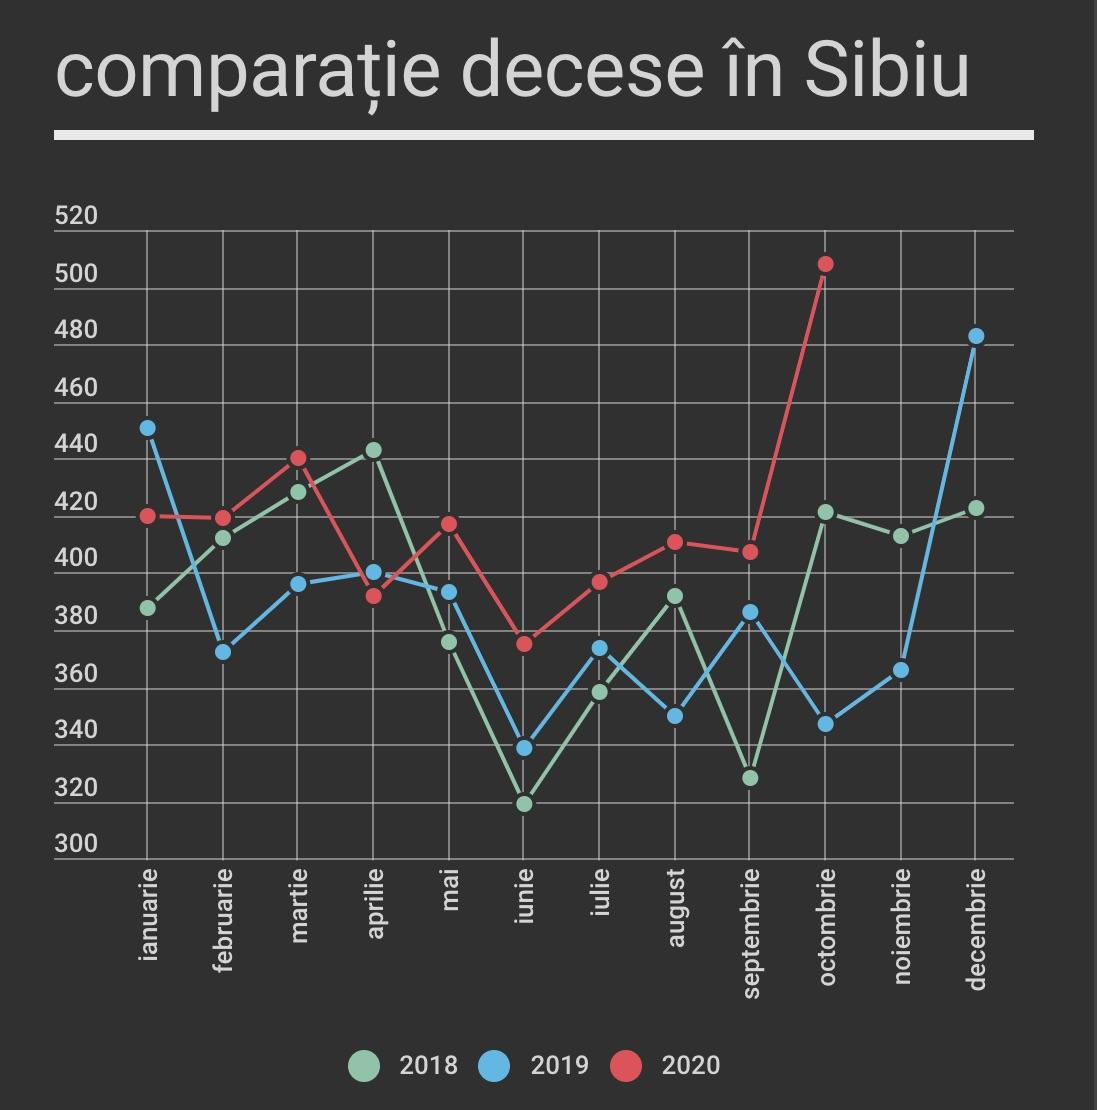 În medie, au murit mai mulți sibieni în 2020, față de 2019 și 2018